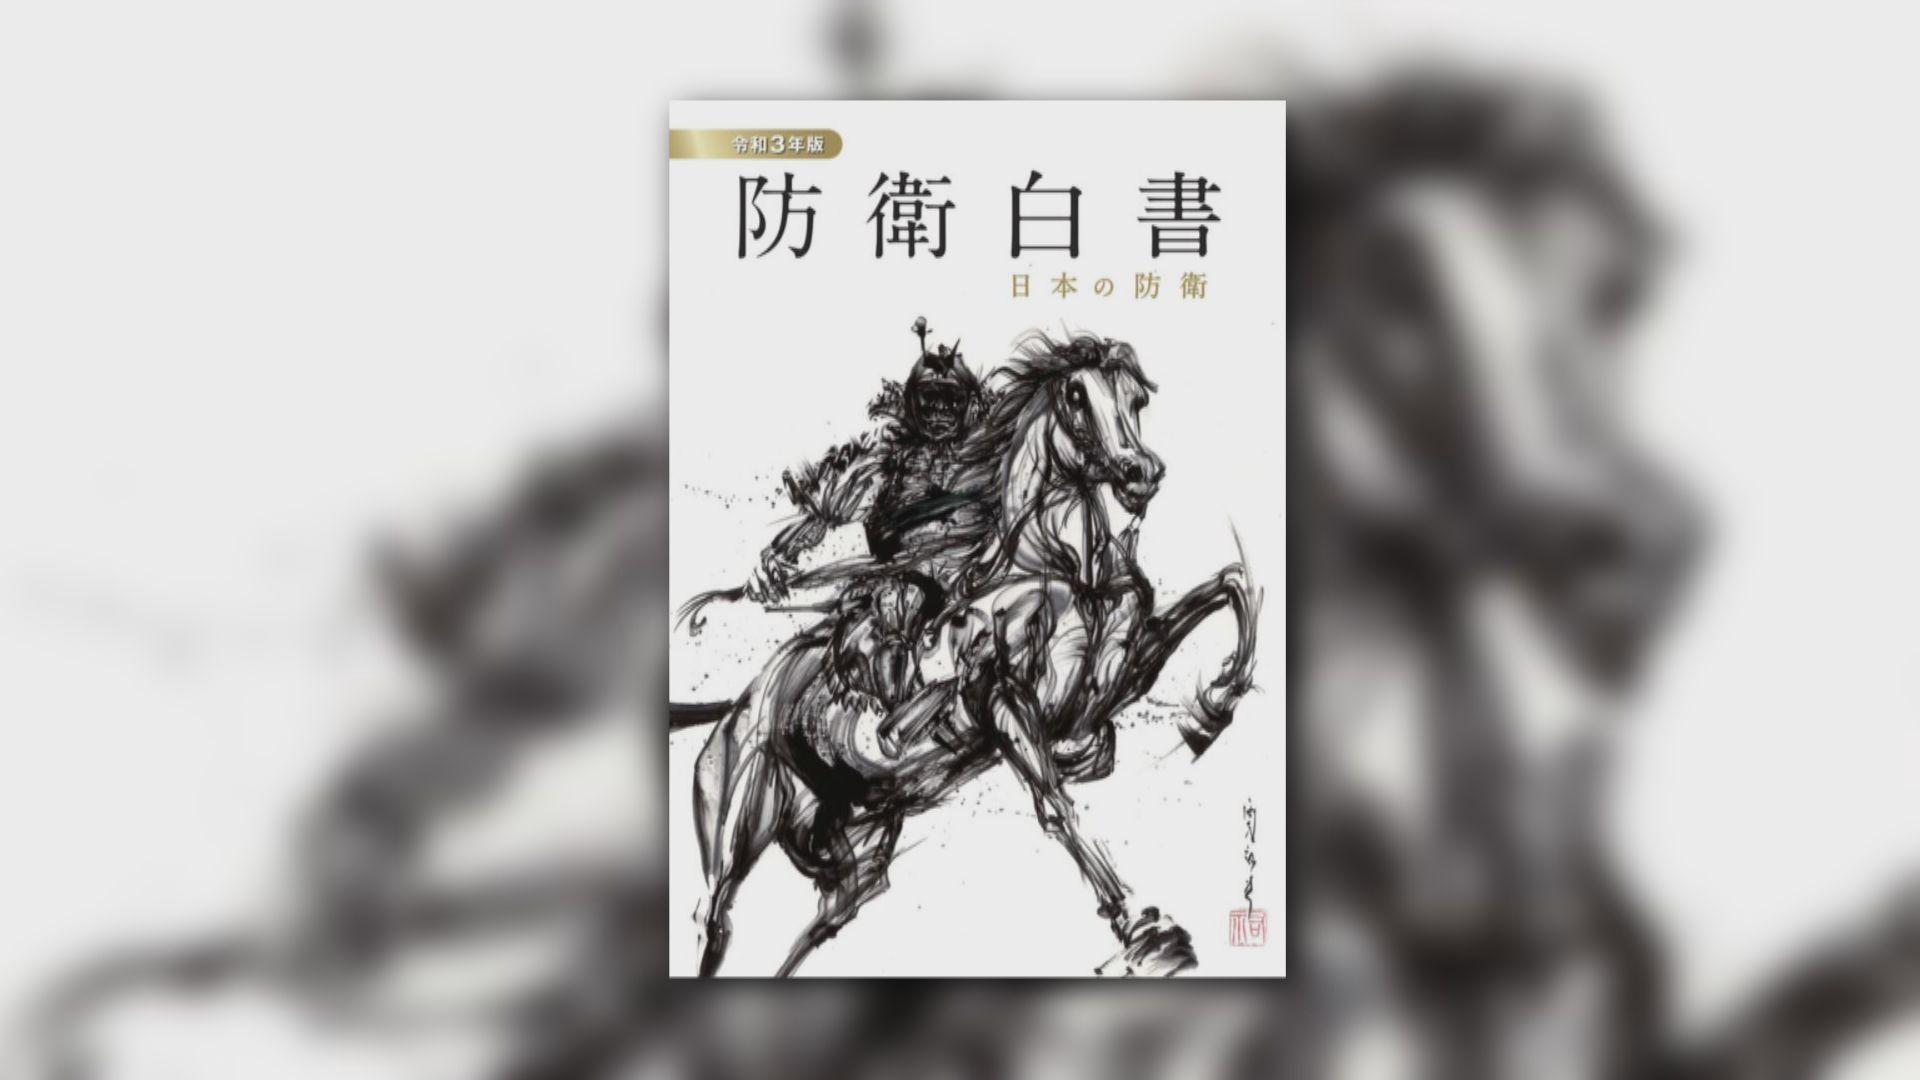 日本防衛白皮書提台灣局勢 外交部批渲染中國威脅